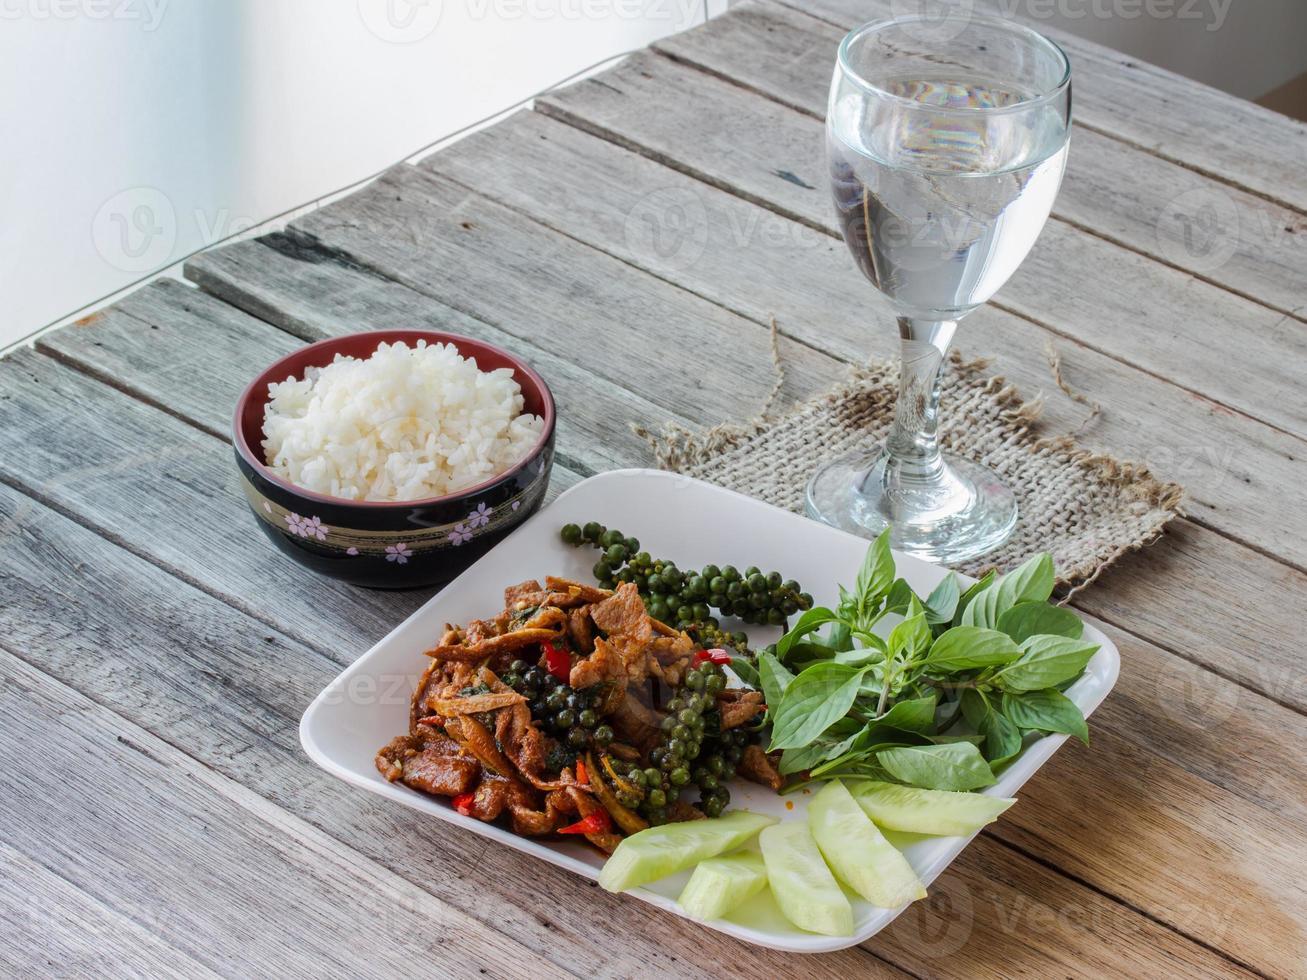 saltato in padella con piccante, cibo tailandese, riso in tazza e acqua foto